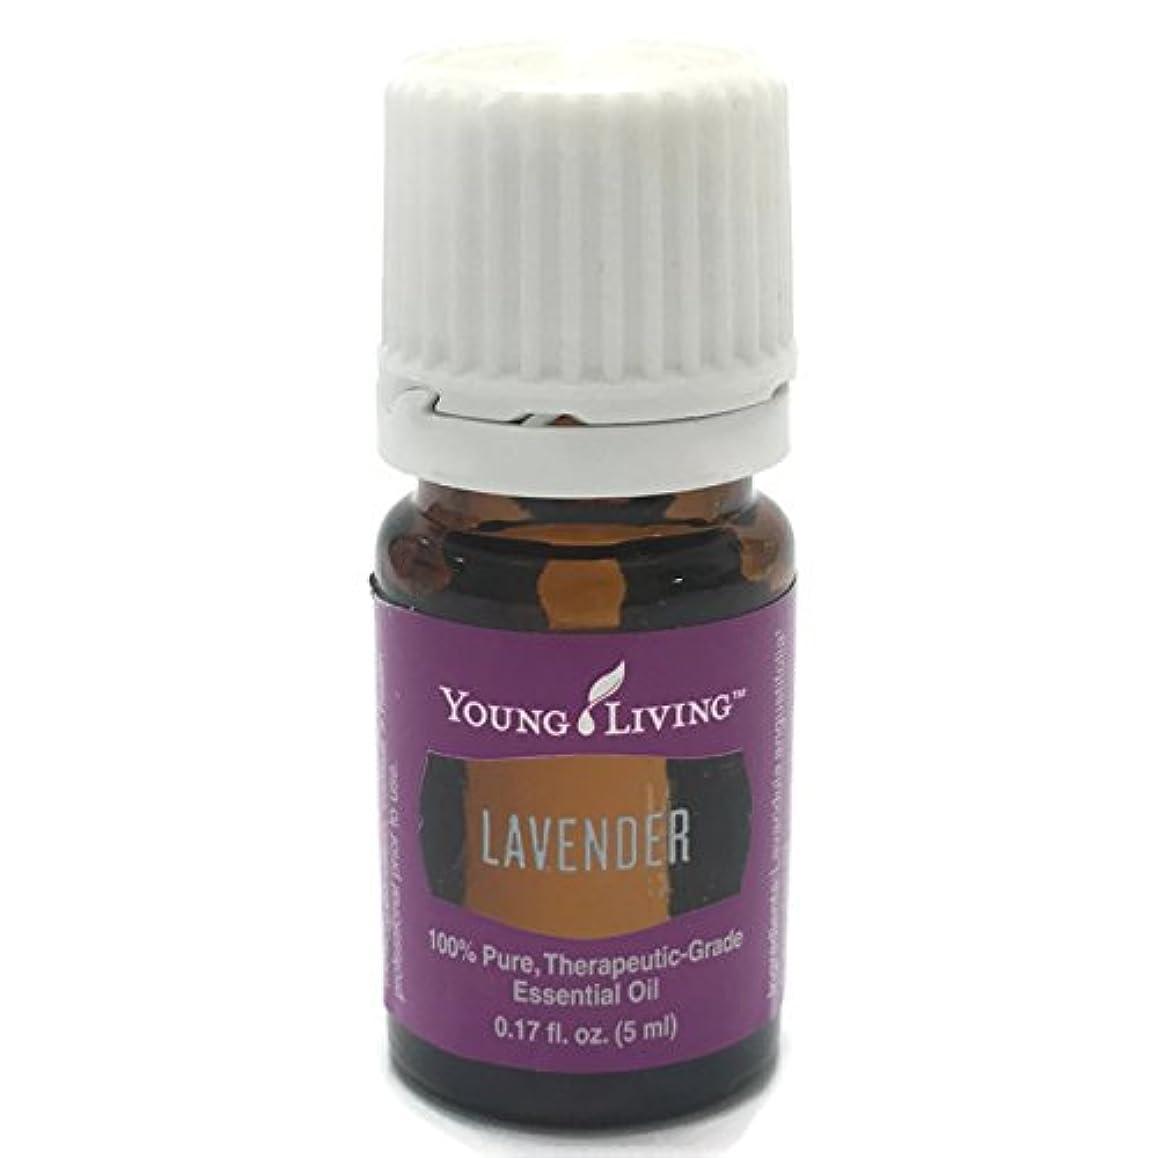 運命的な貫通する言語学ヤングリビング Young Living ラベンダー Lavender エッセンシャルオイル 5ml